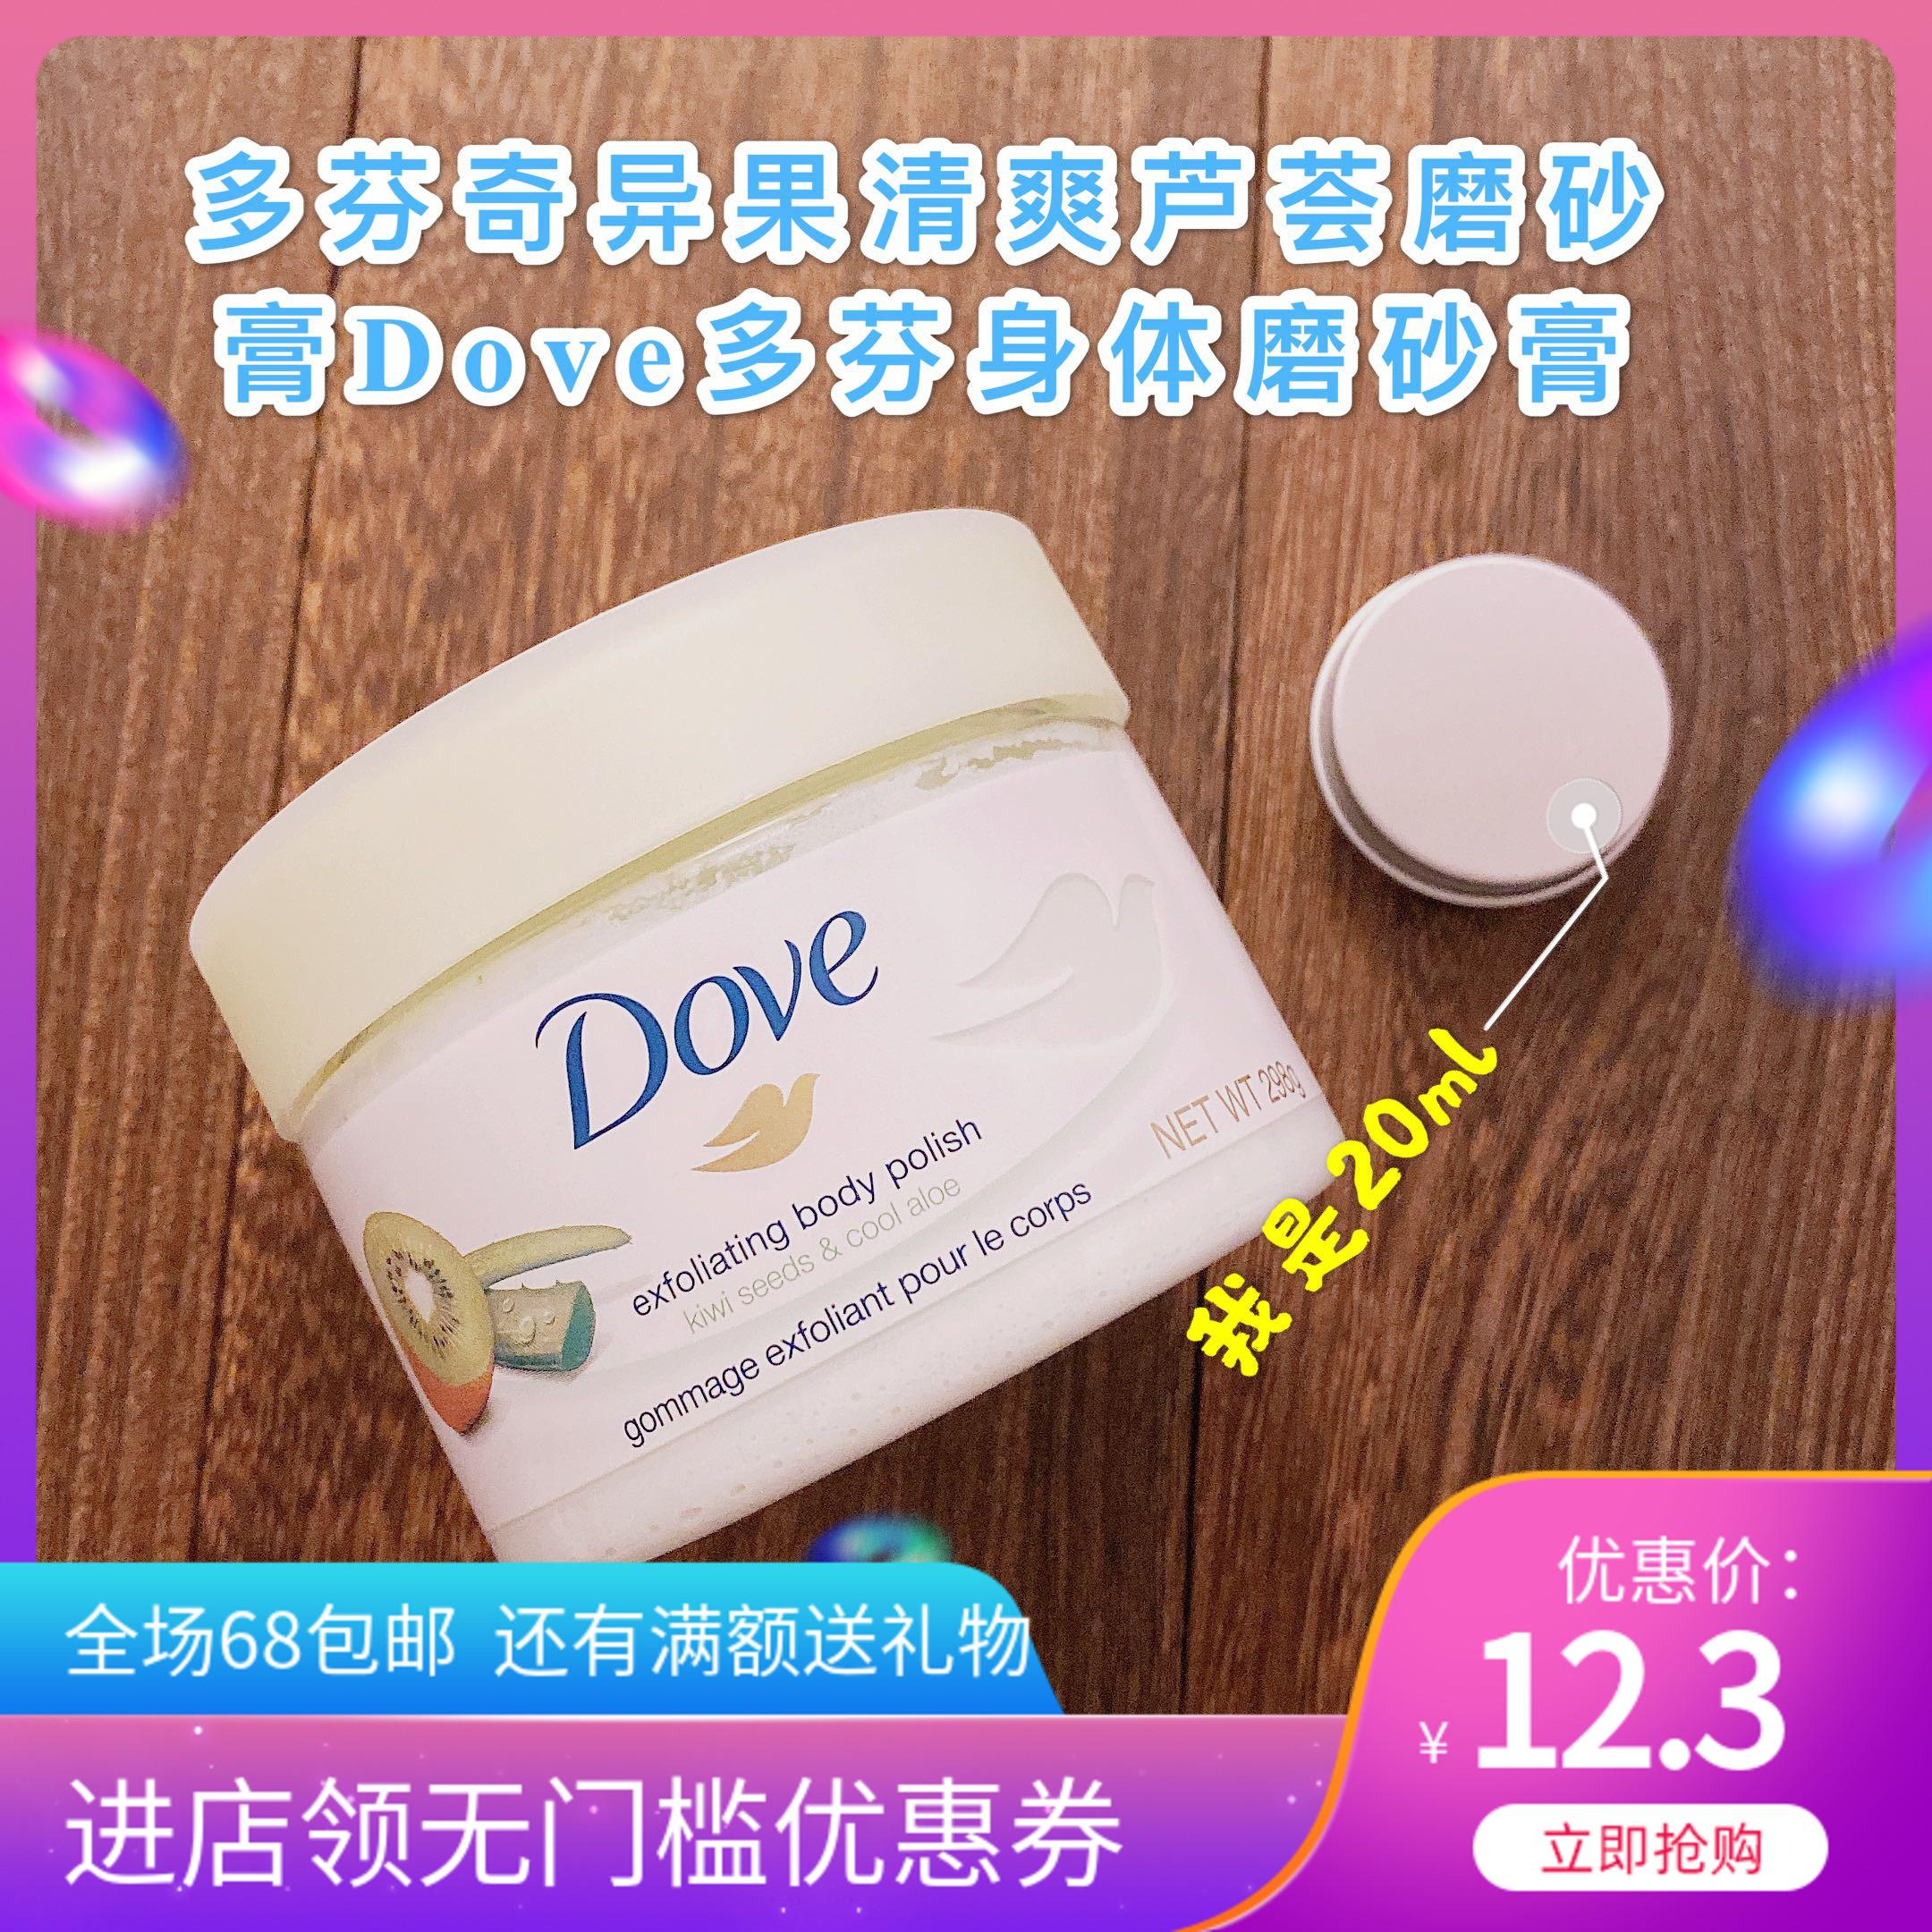 小样20ml  Dove/多芬澳洲奇异果风味冰淇淋身体磨砂膏去角质满6元减2元